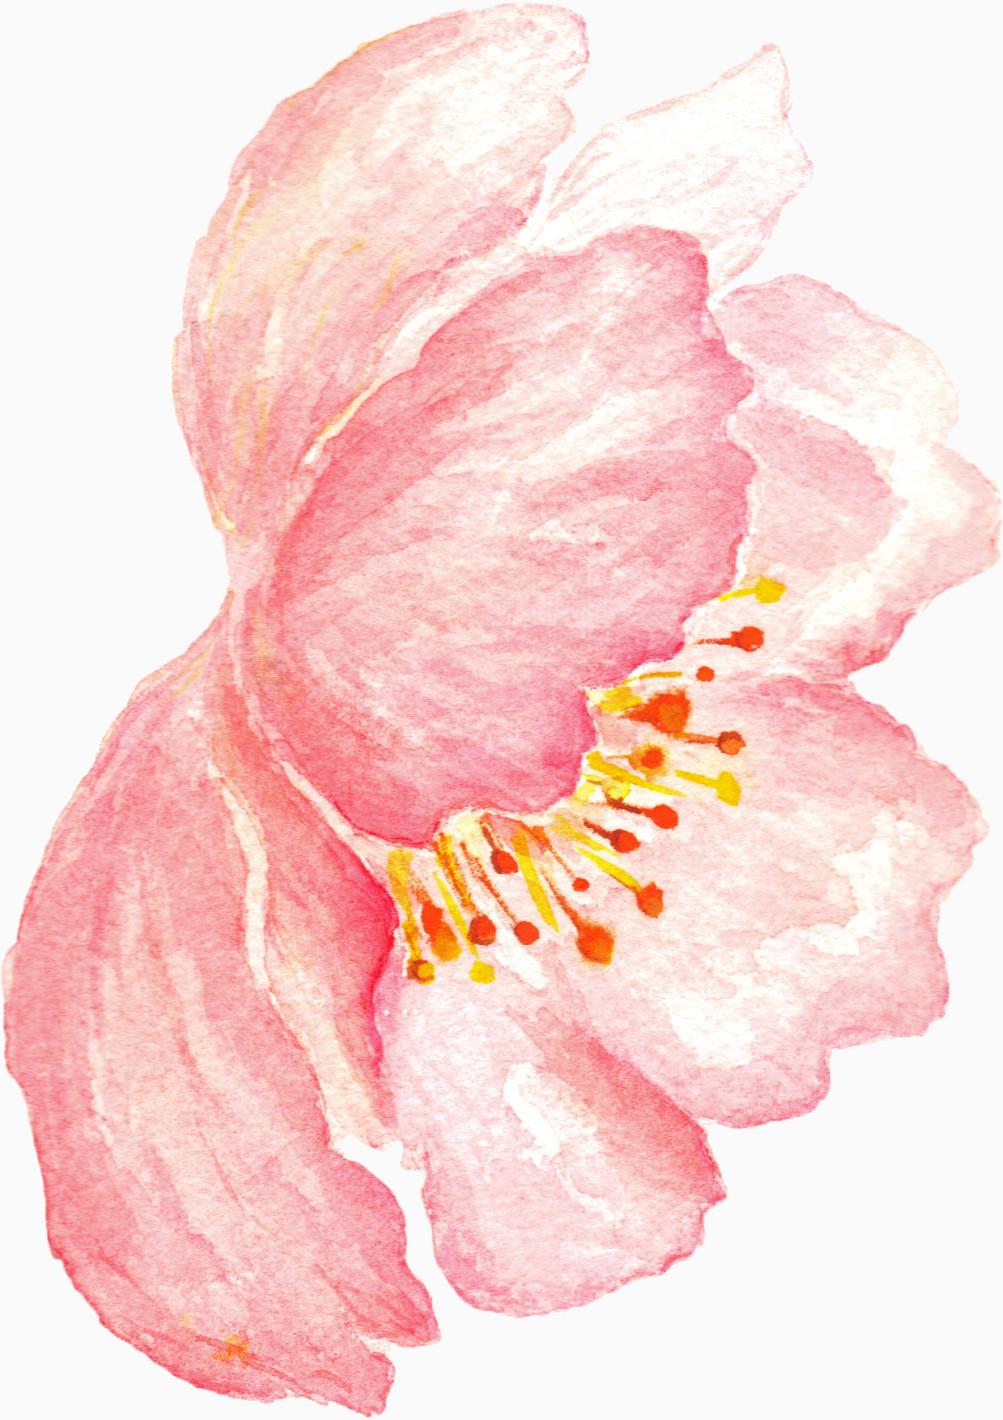 水彩 手绘 花朵 唯美 彩色 鲜花 树叶